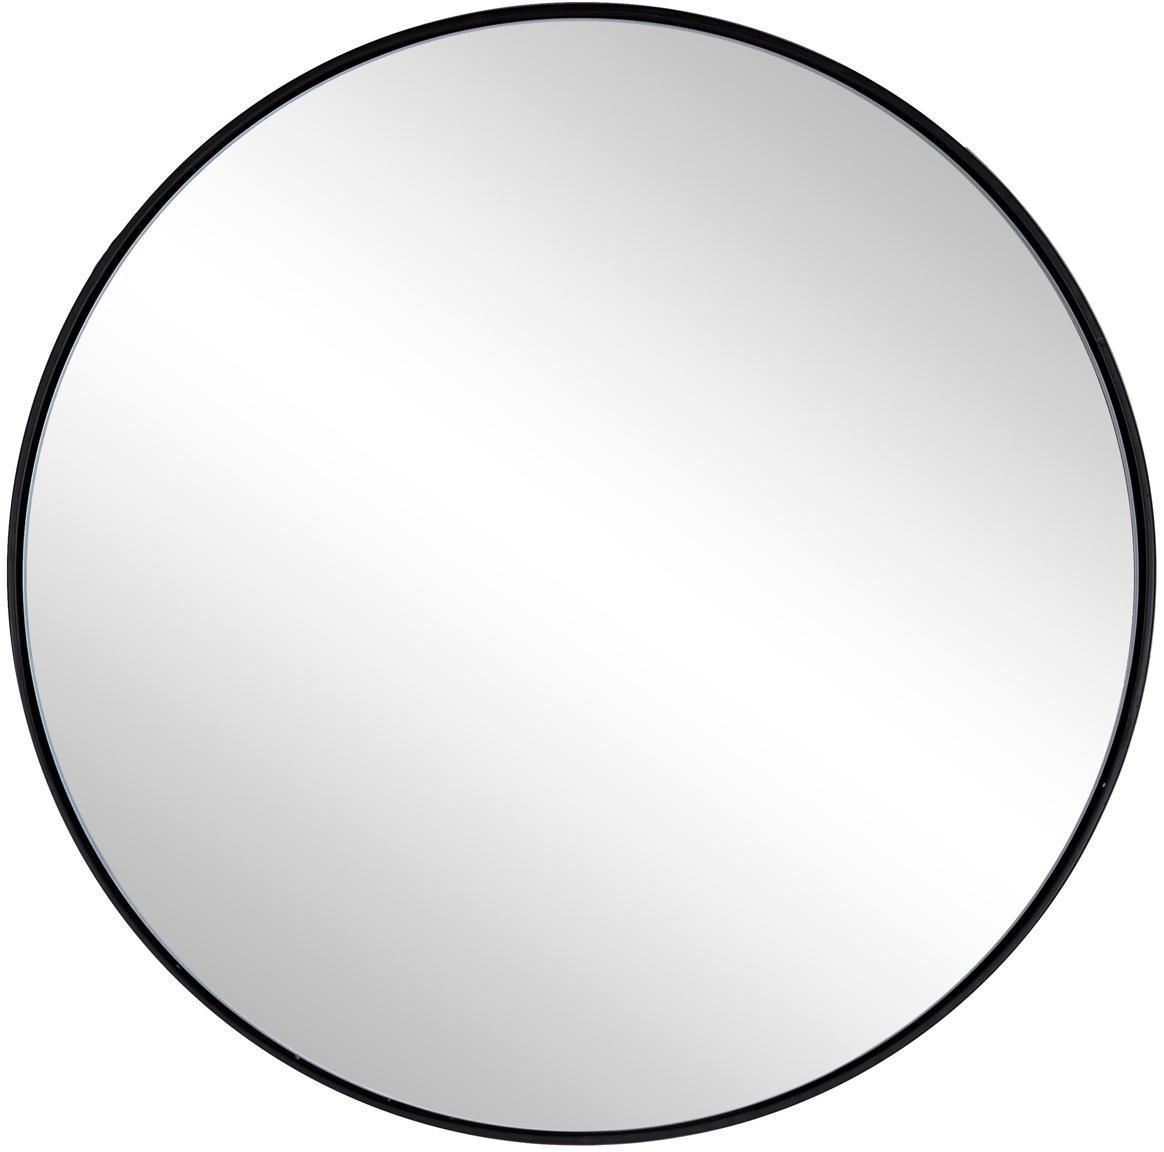 Okrągłe lustro ścienne Nucleos, Czarny, 50 cm